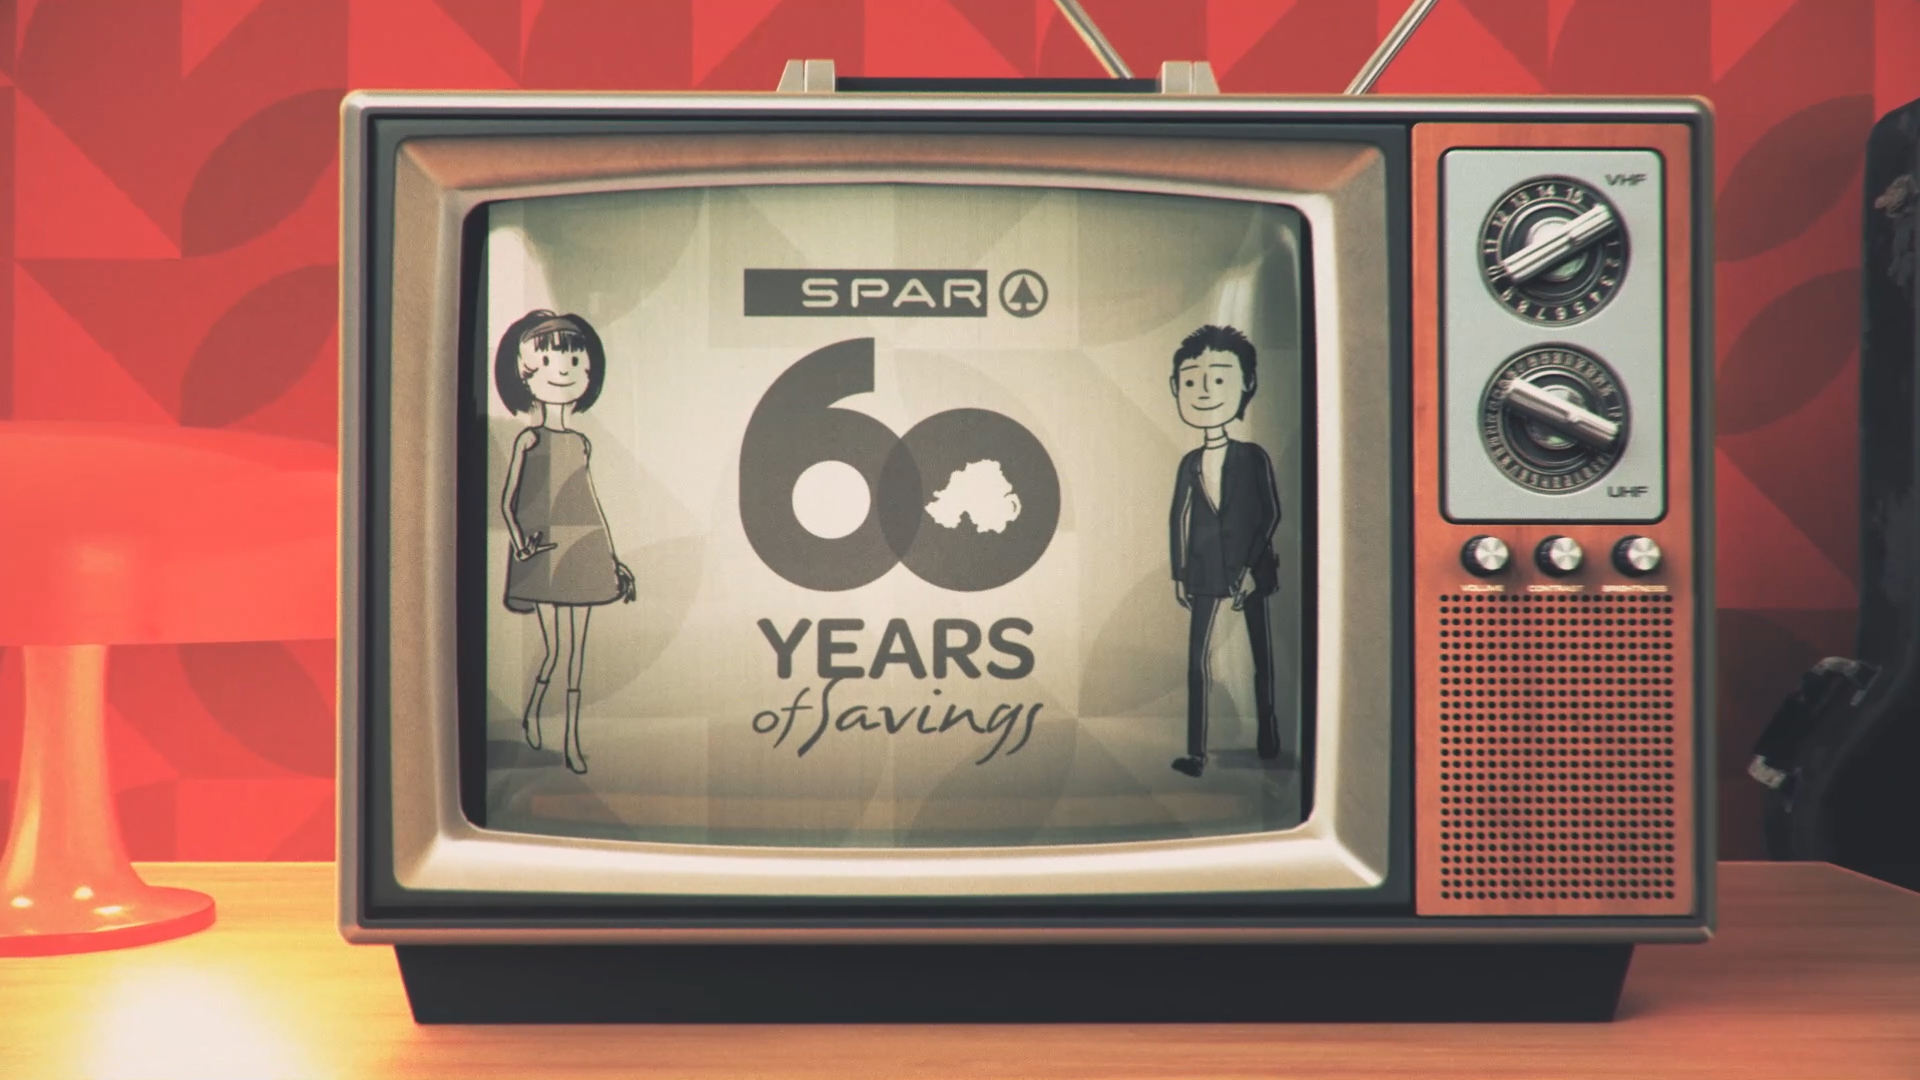 Spar 60th